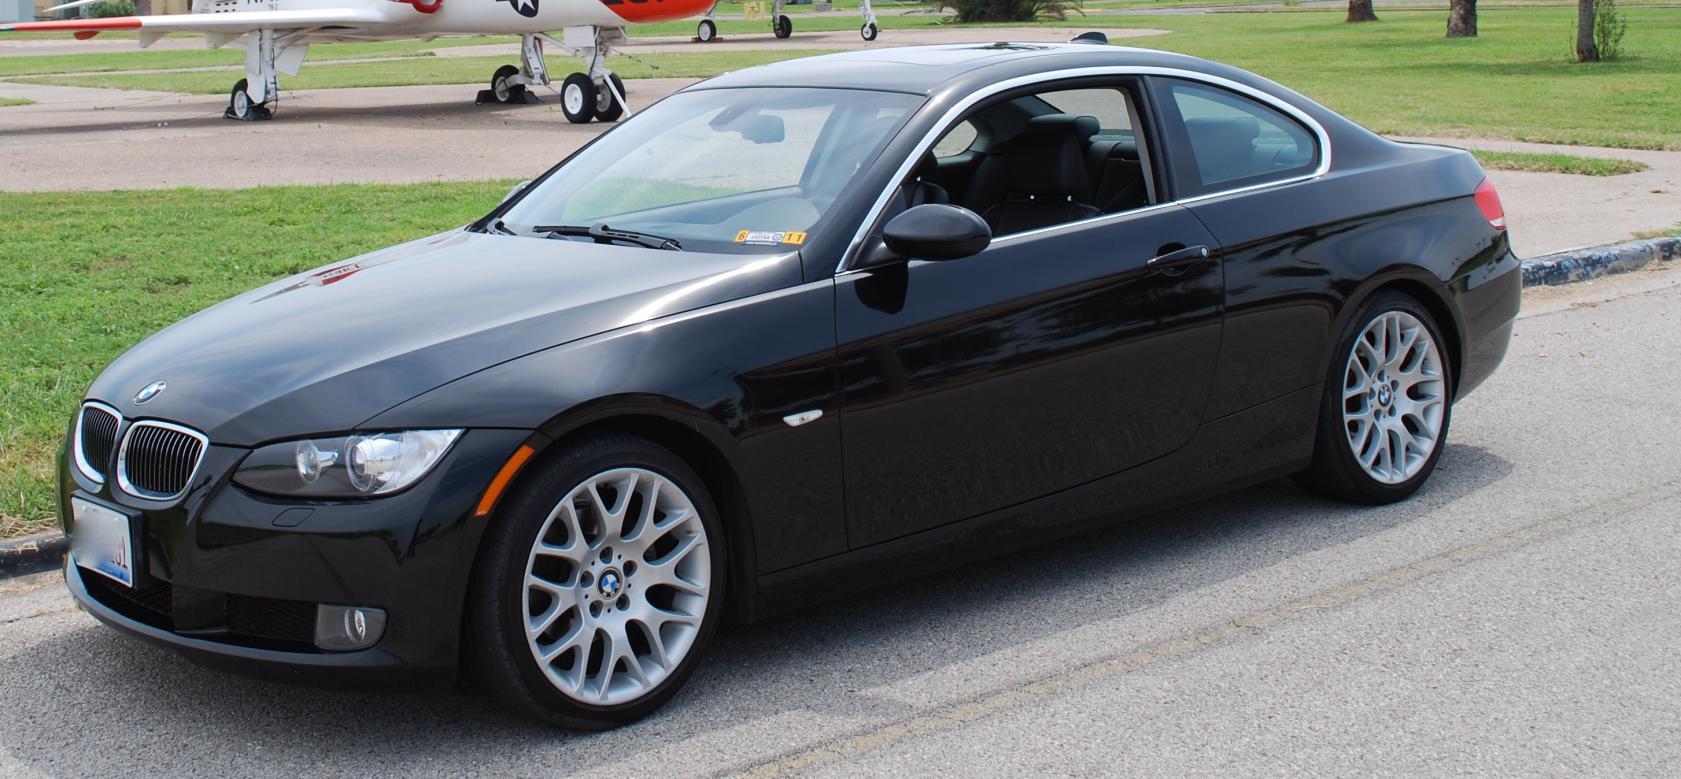 FS BMW E I Coupe Jet BlackBlackWalnut Trim Sport - 328i bmw coupe